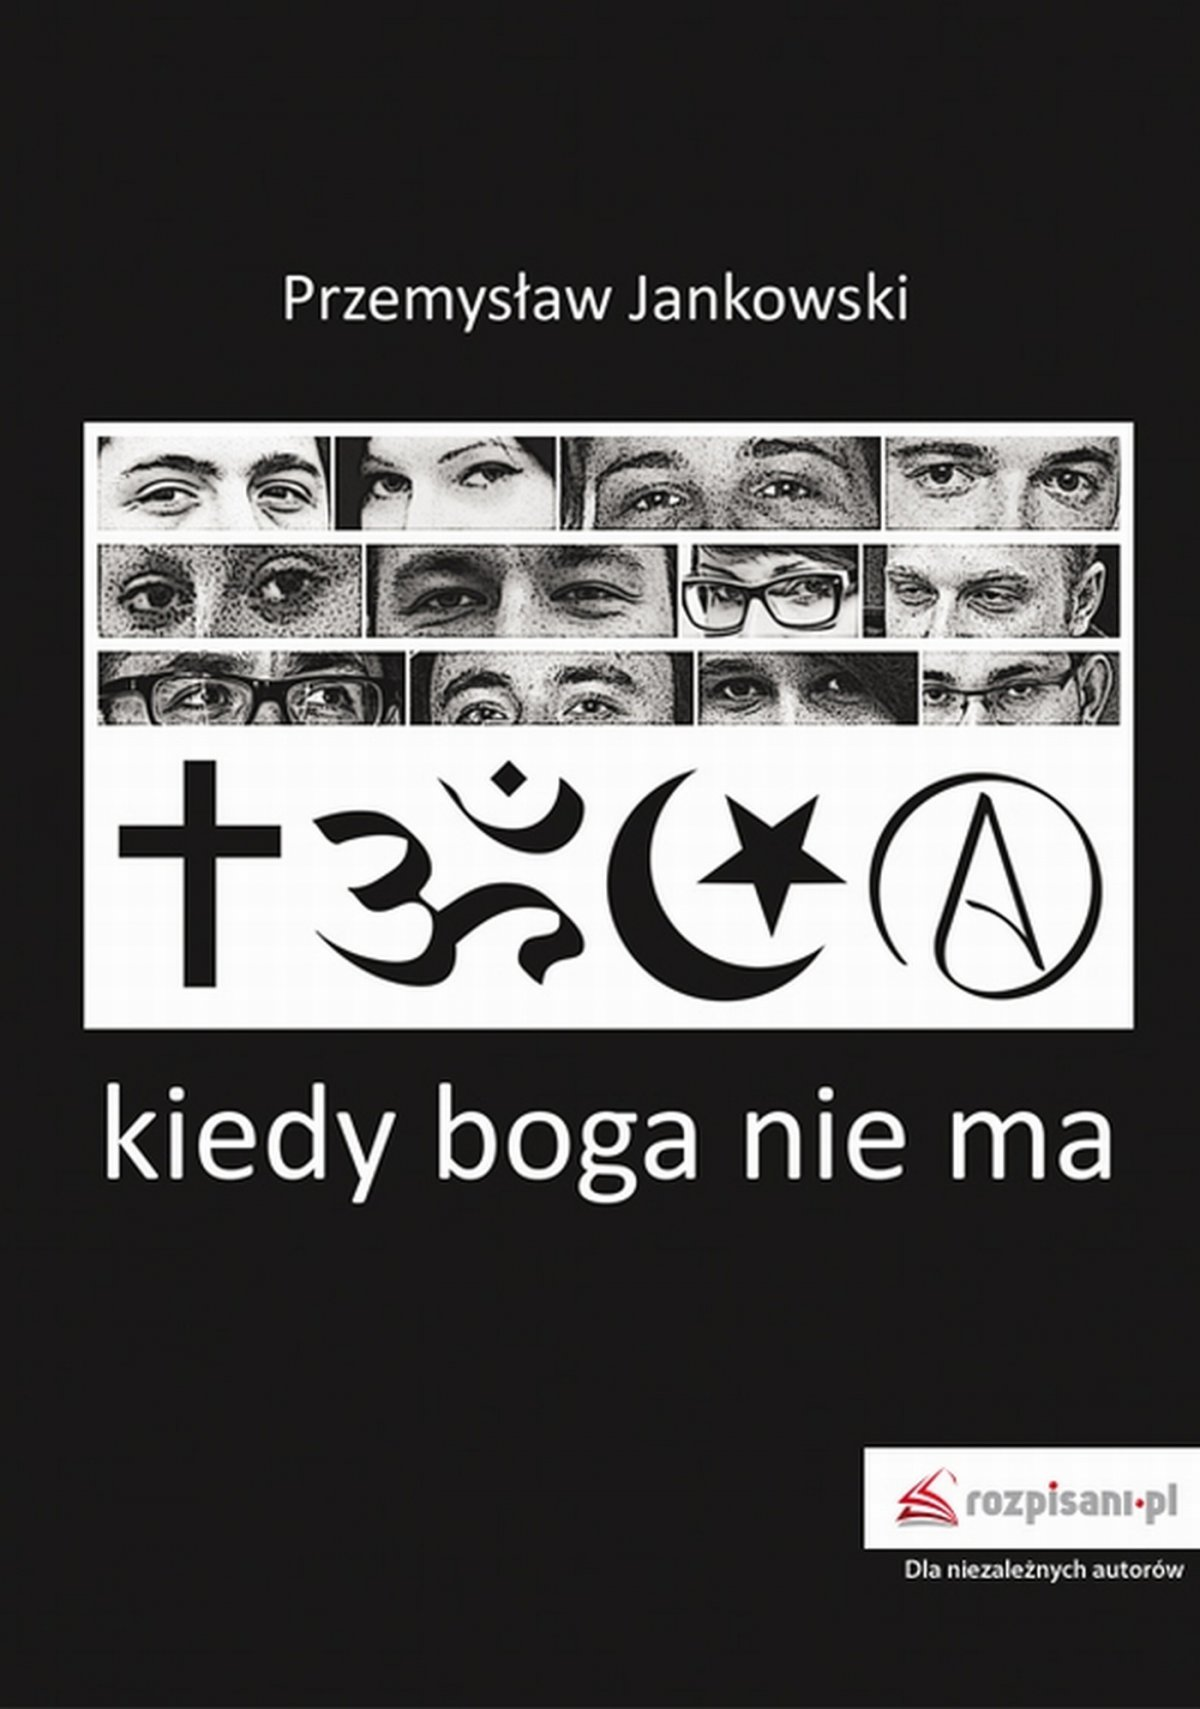 Kiedy boga nie ma - Przemysław Jankowski